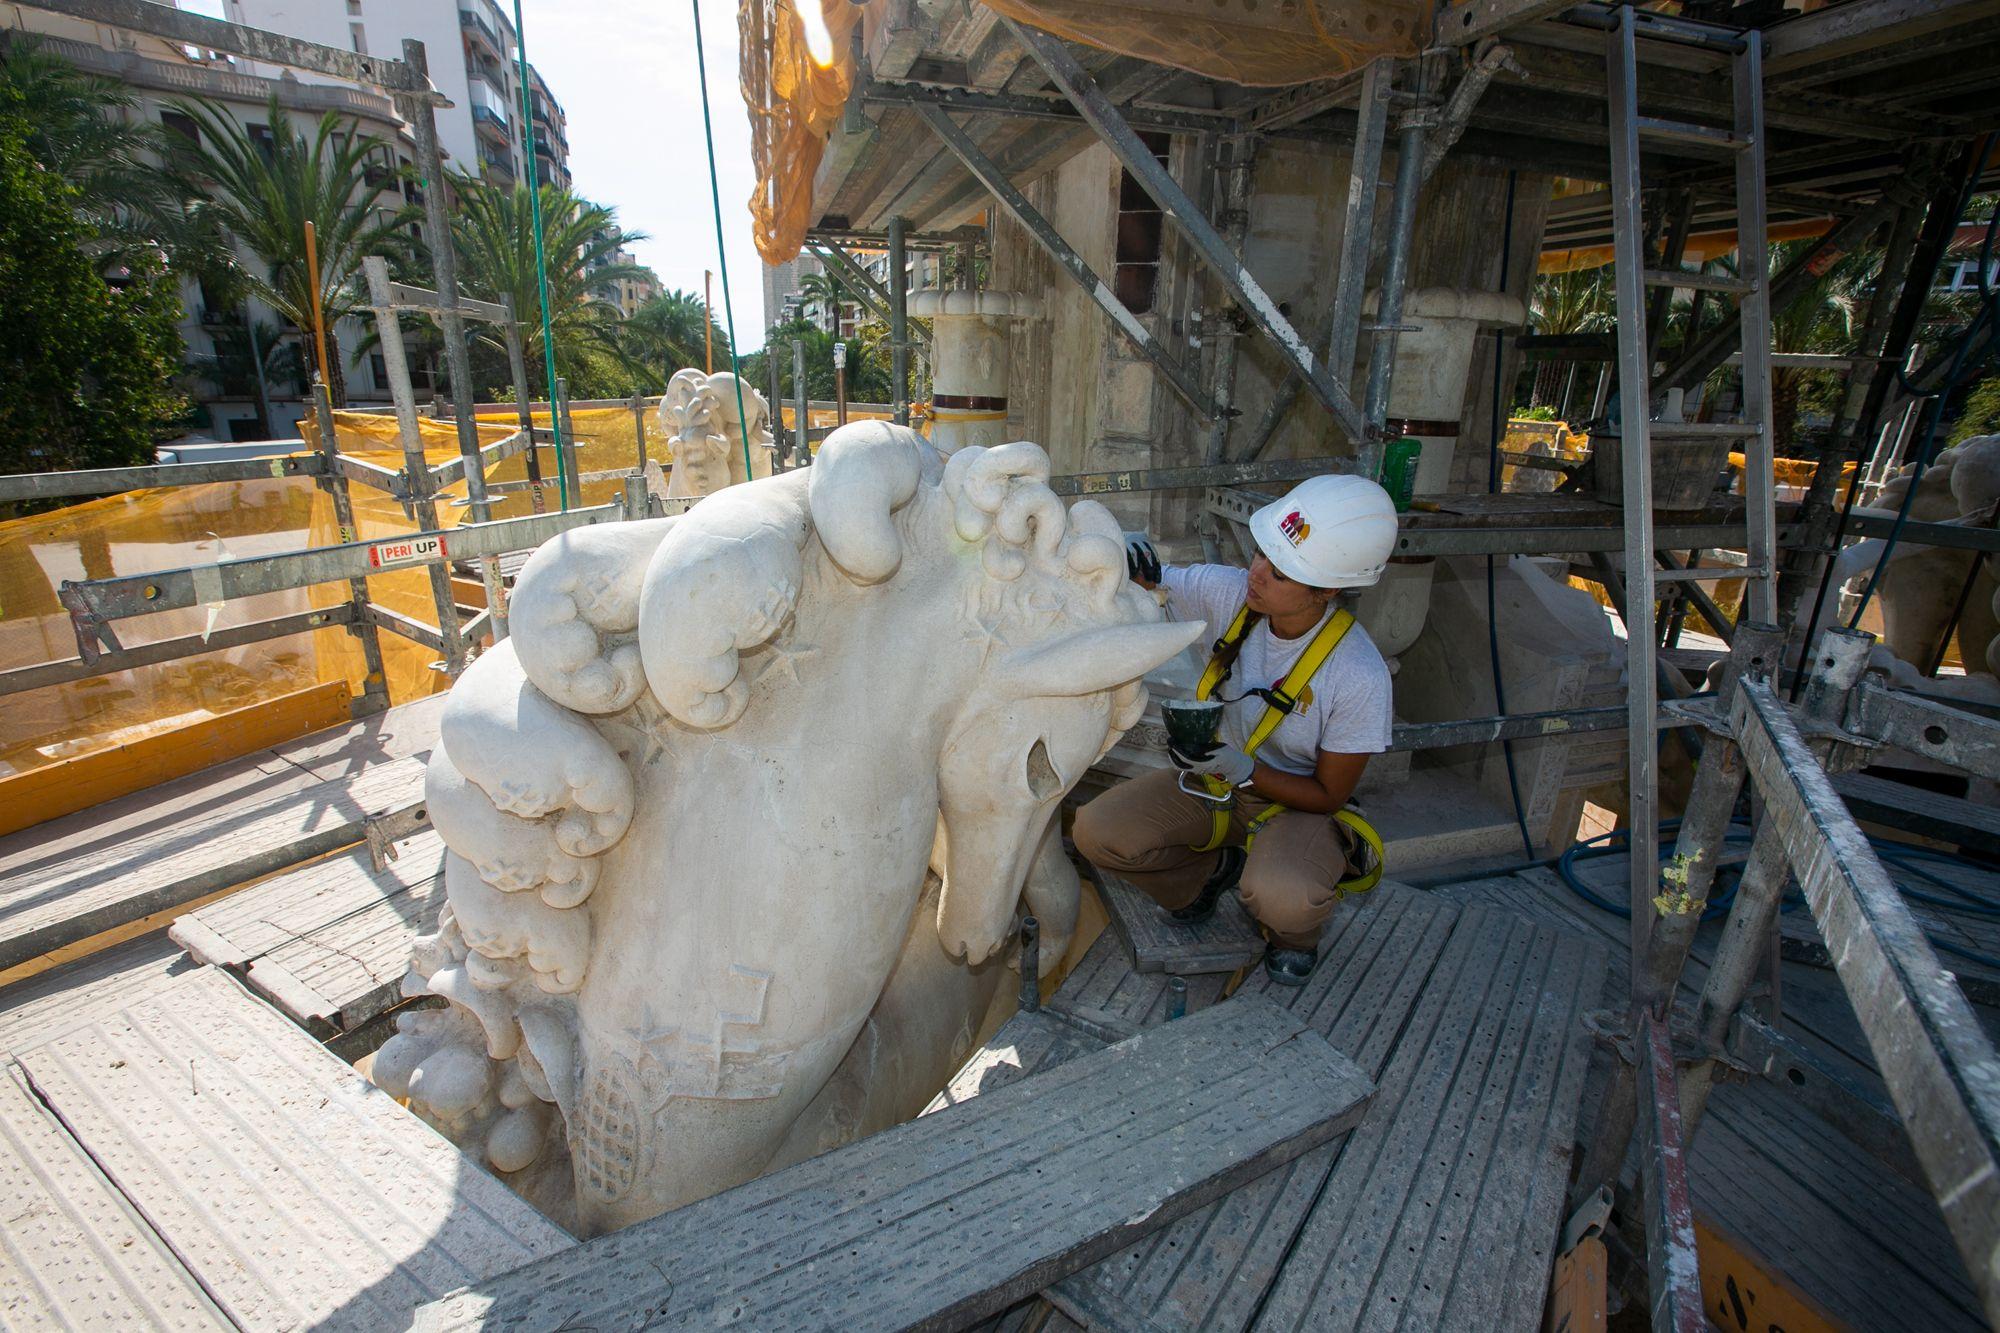 Nuevo atractivo para Luceros: la fuente contará con espectáculo de agua y luz tras su restauración